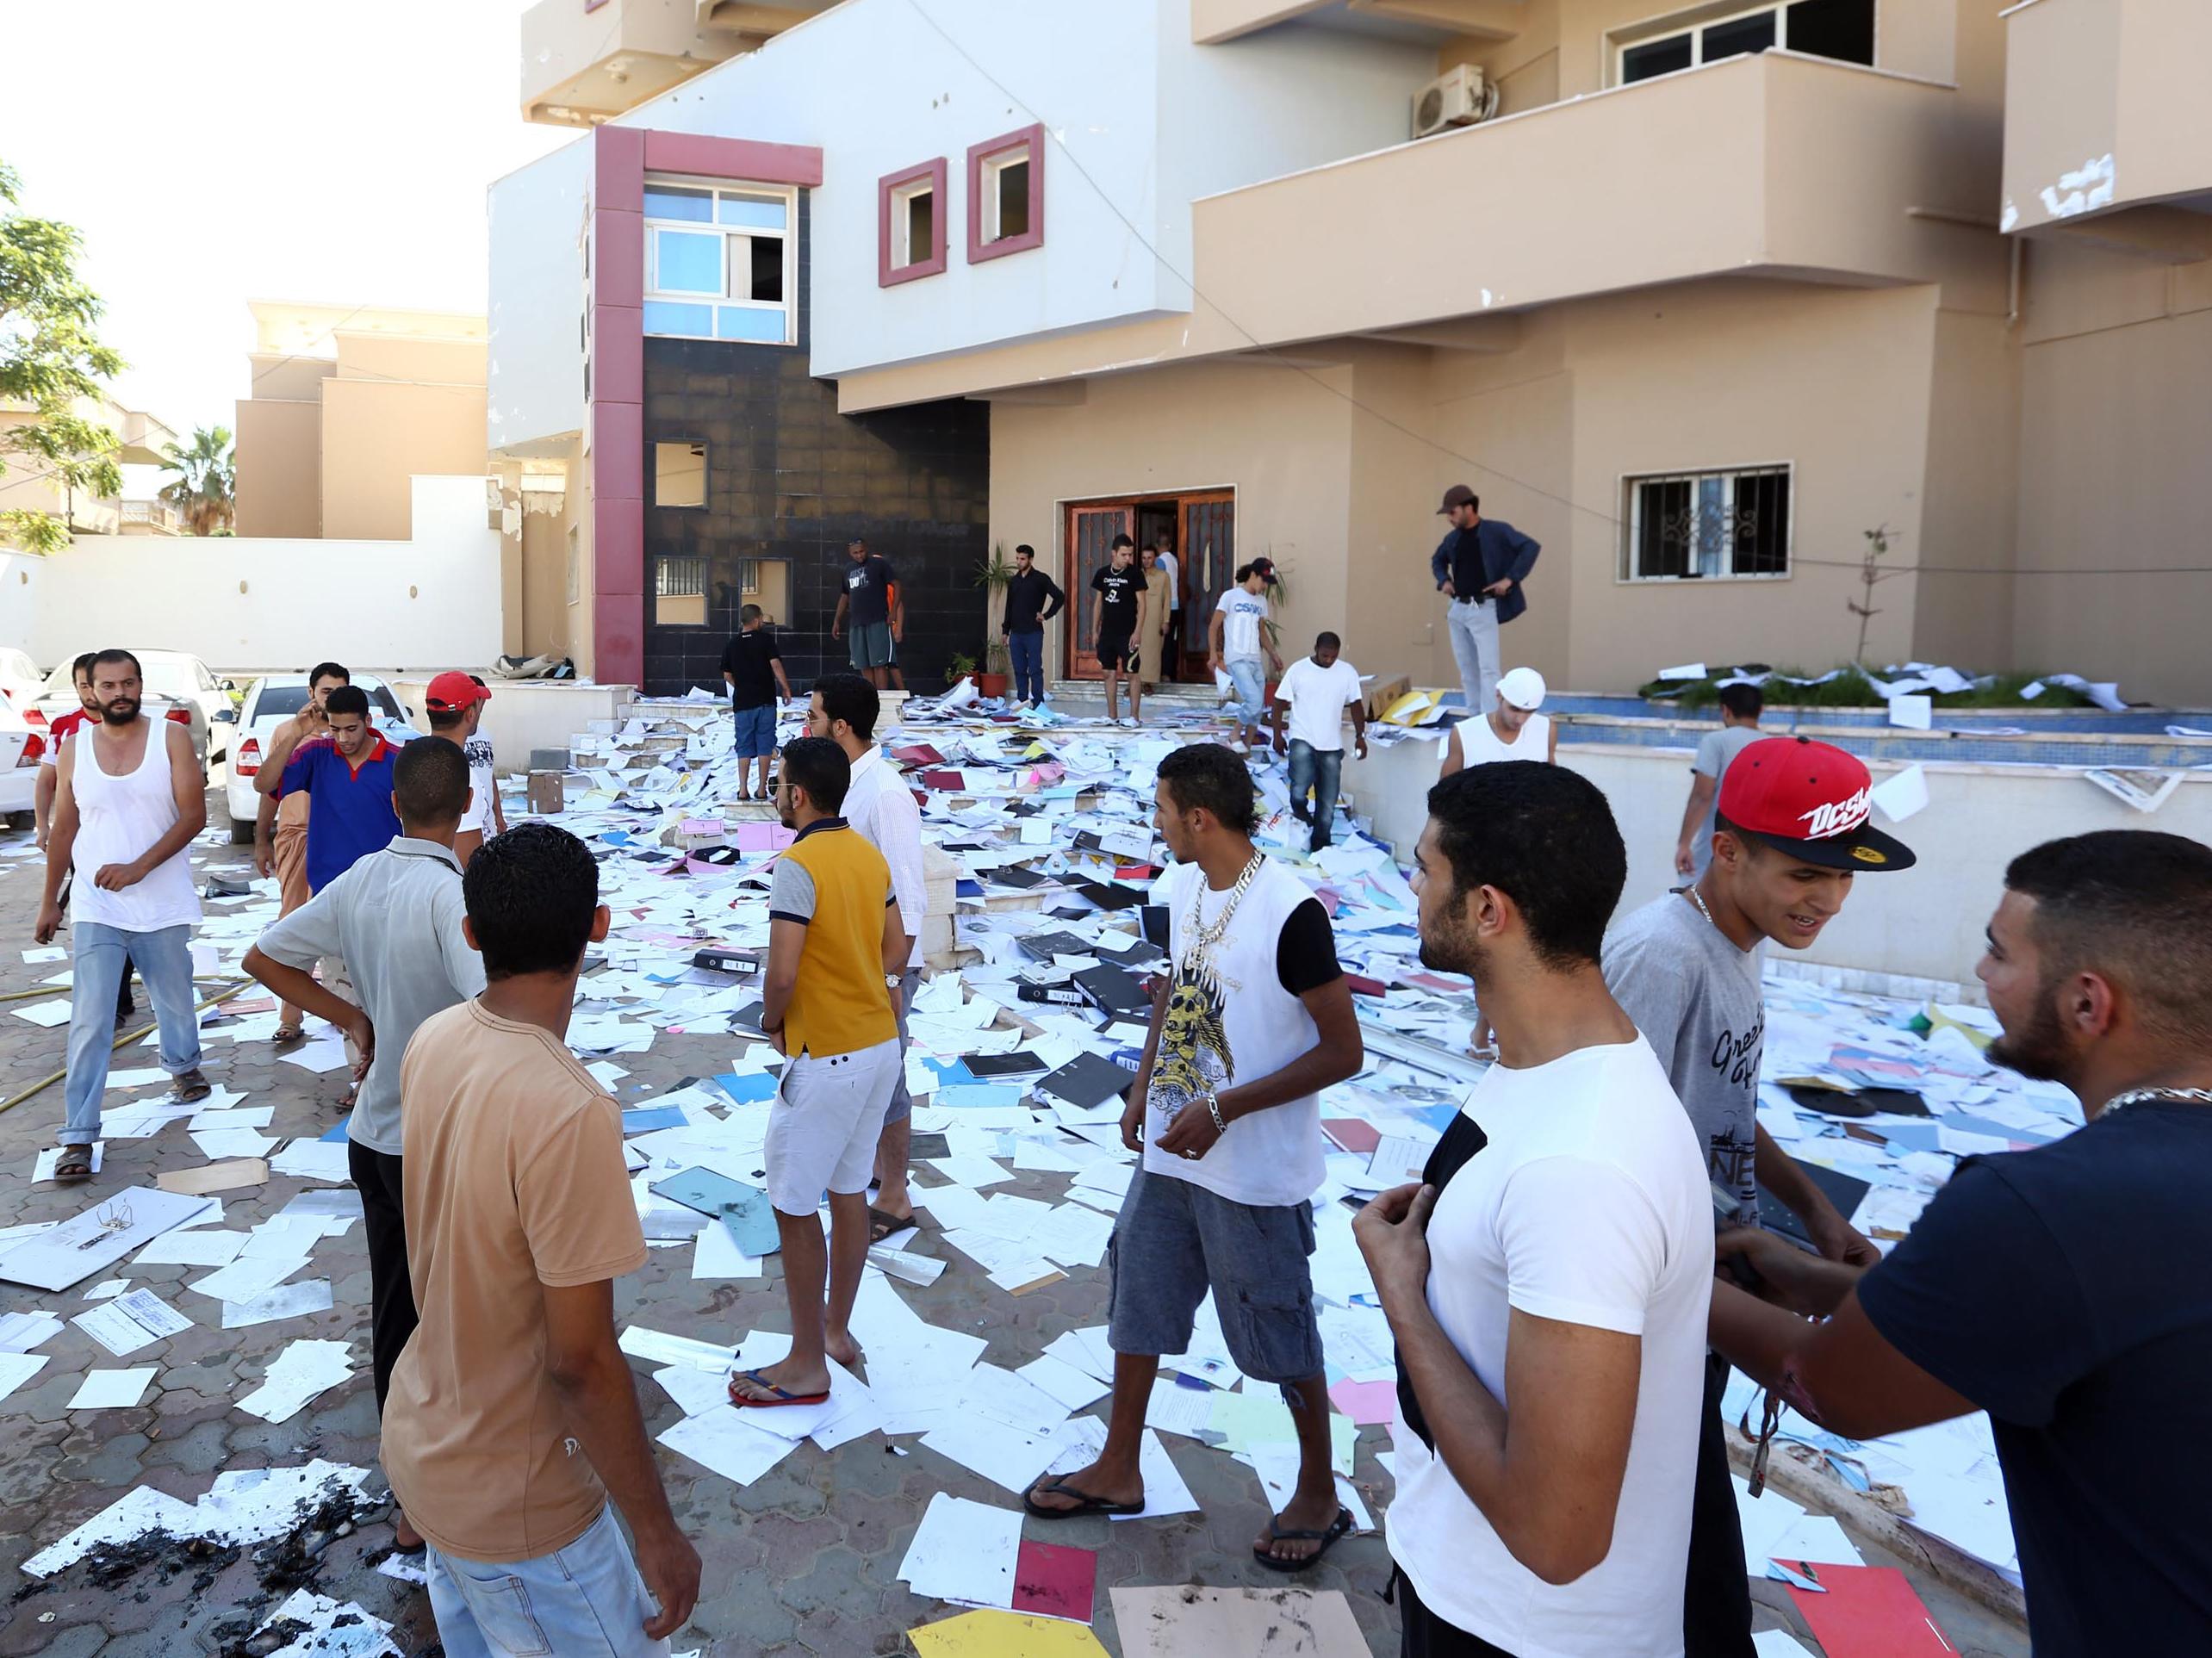 More Than 1,000 Prisoners Escape In Massive Libyan Jailbreak